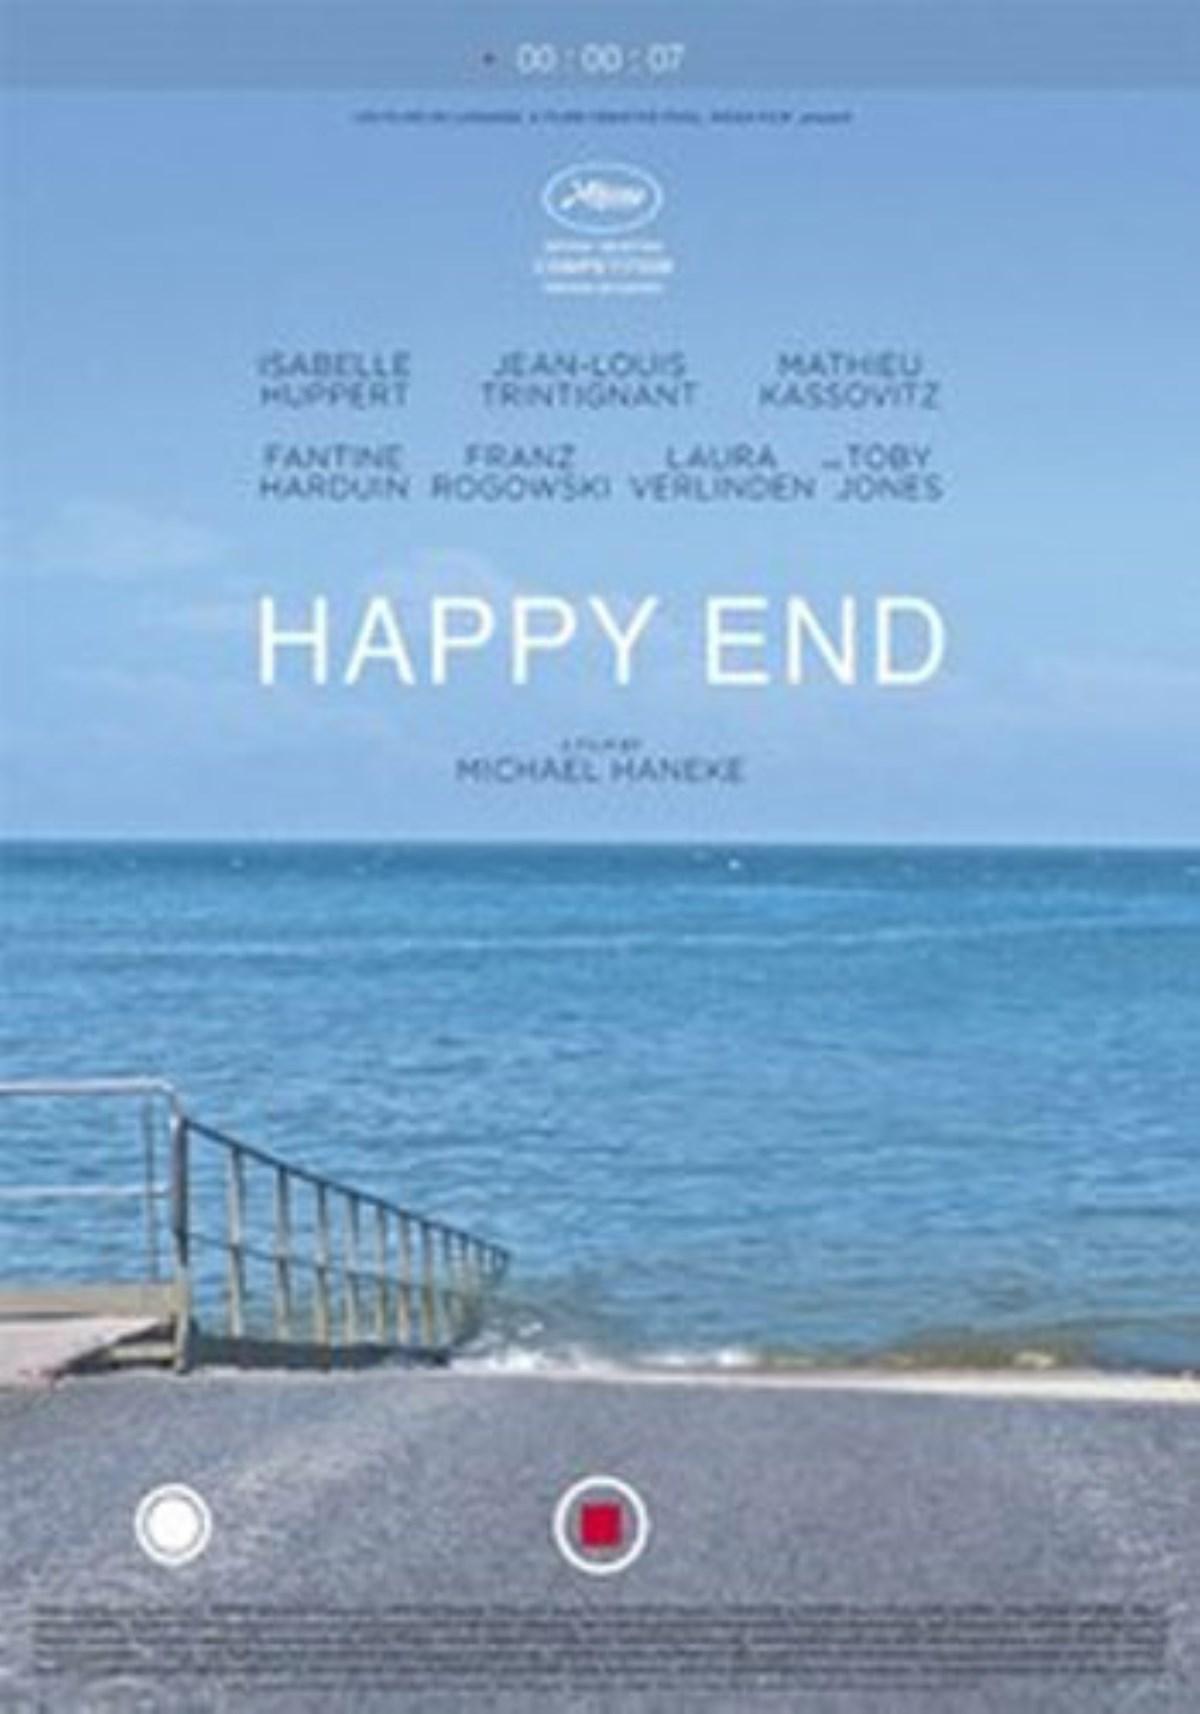 پایان خوش(Happy End)